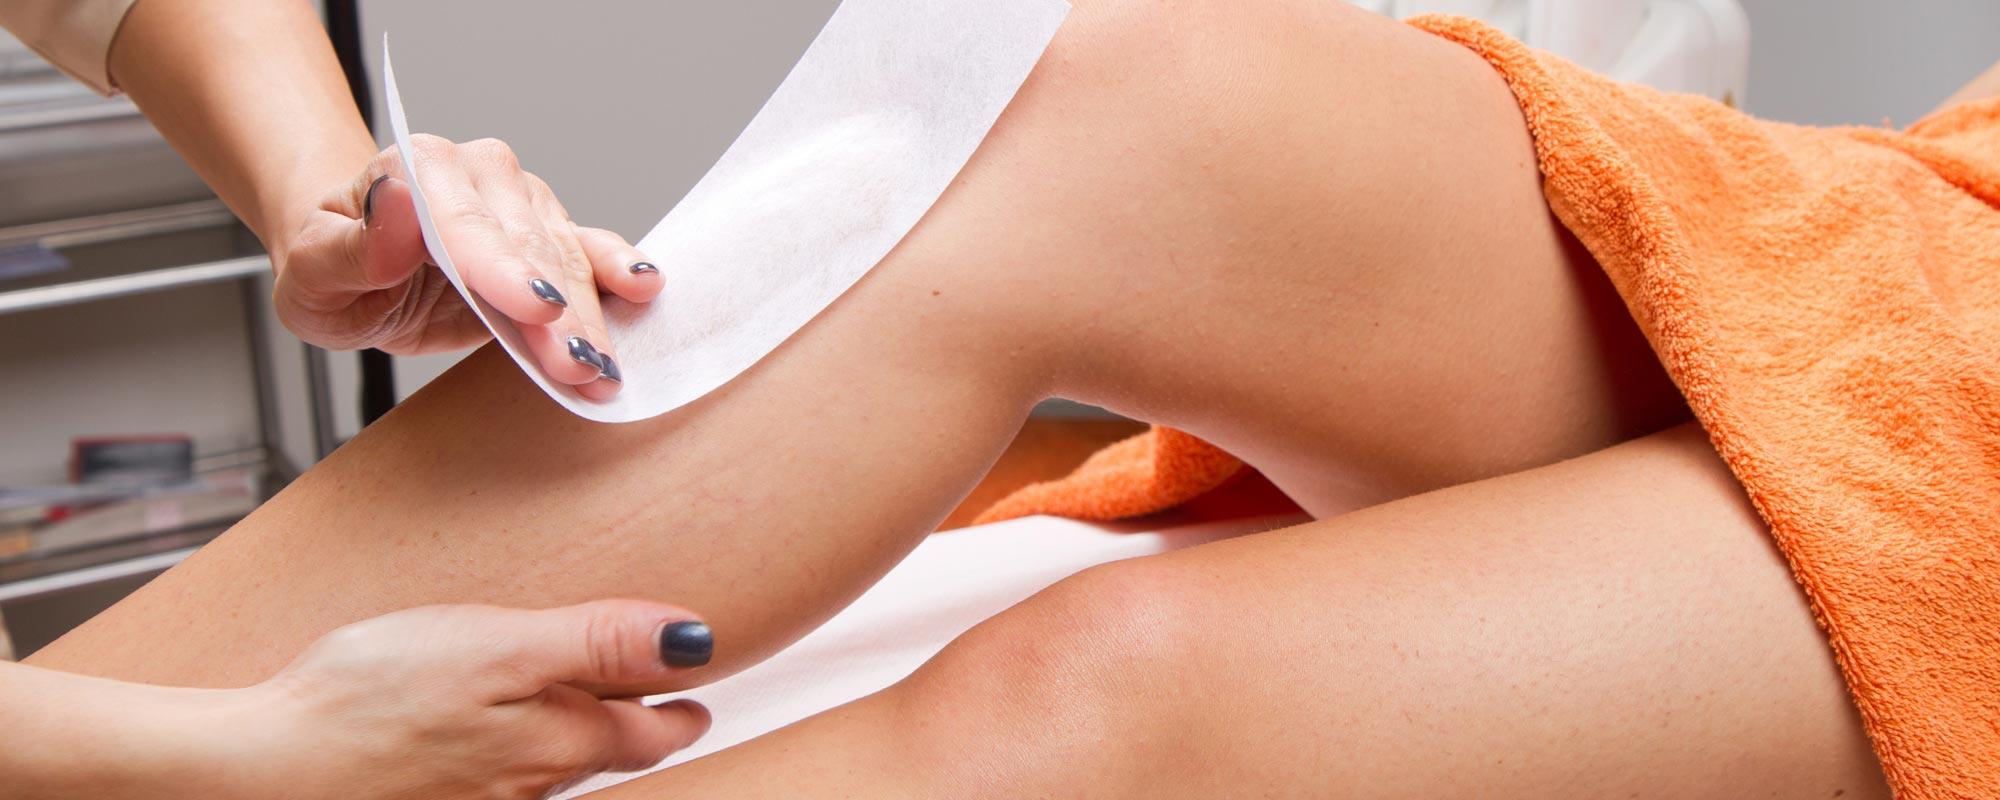 Women getting her leg waxed